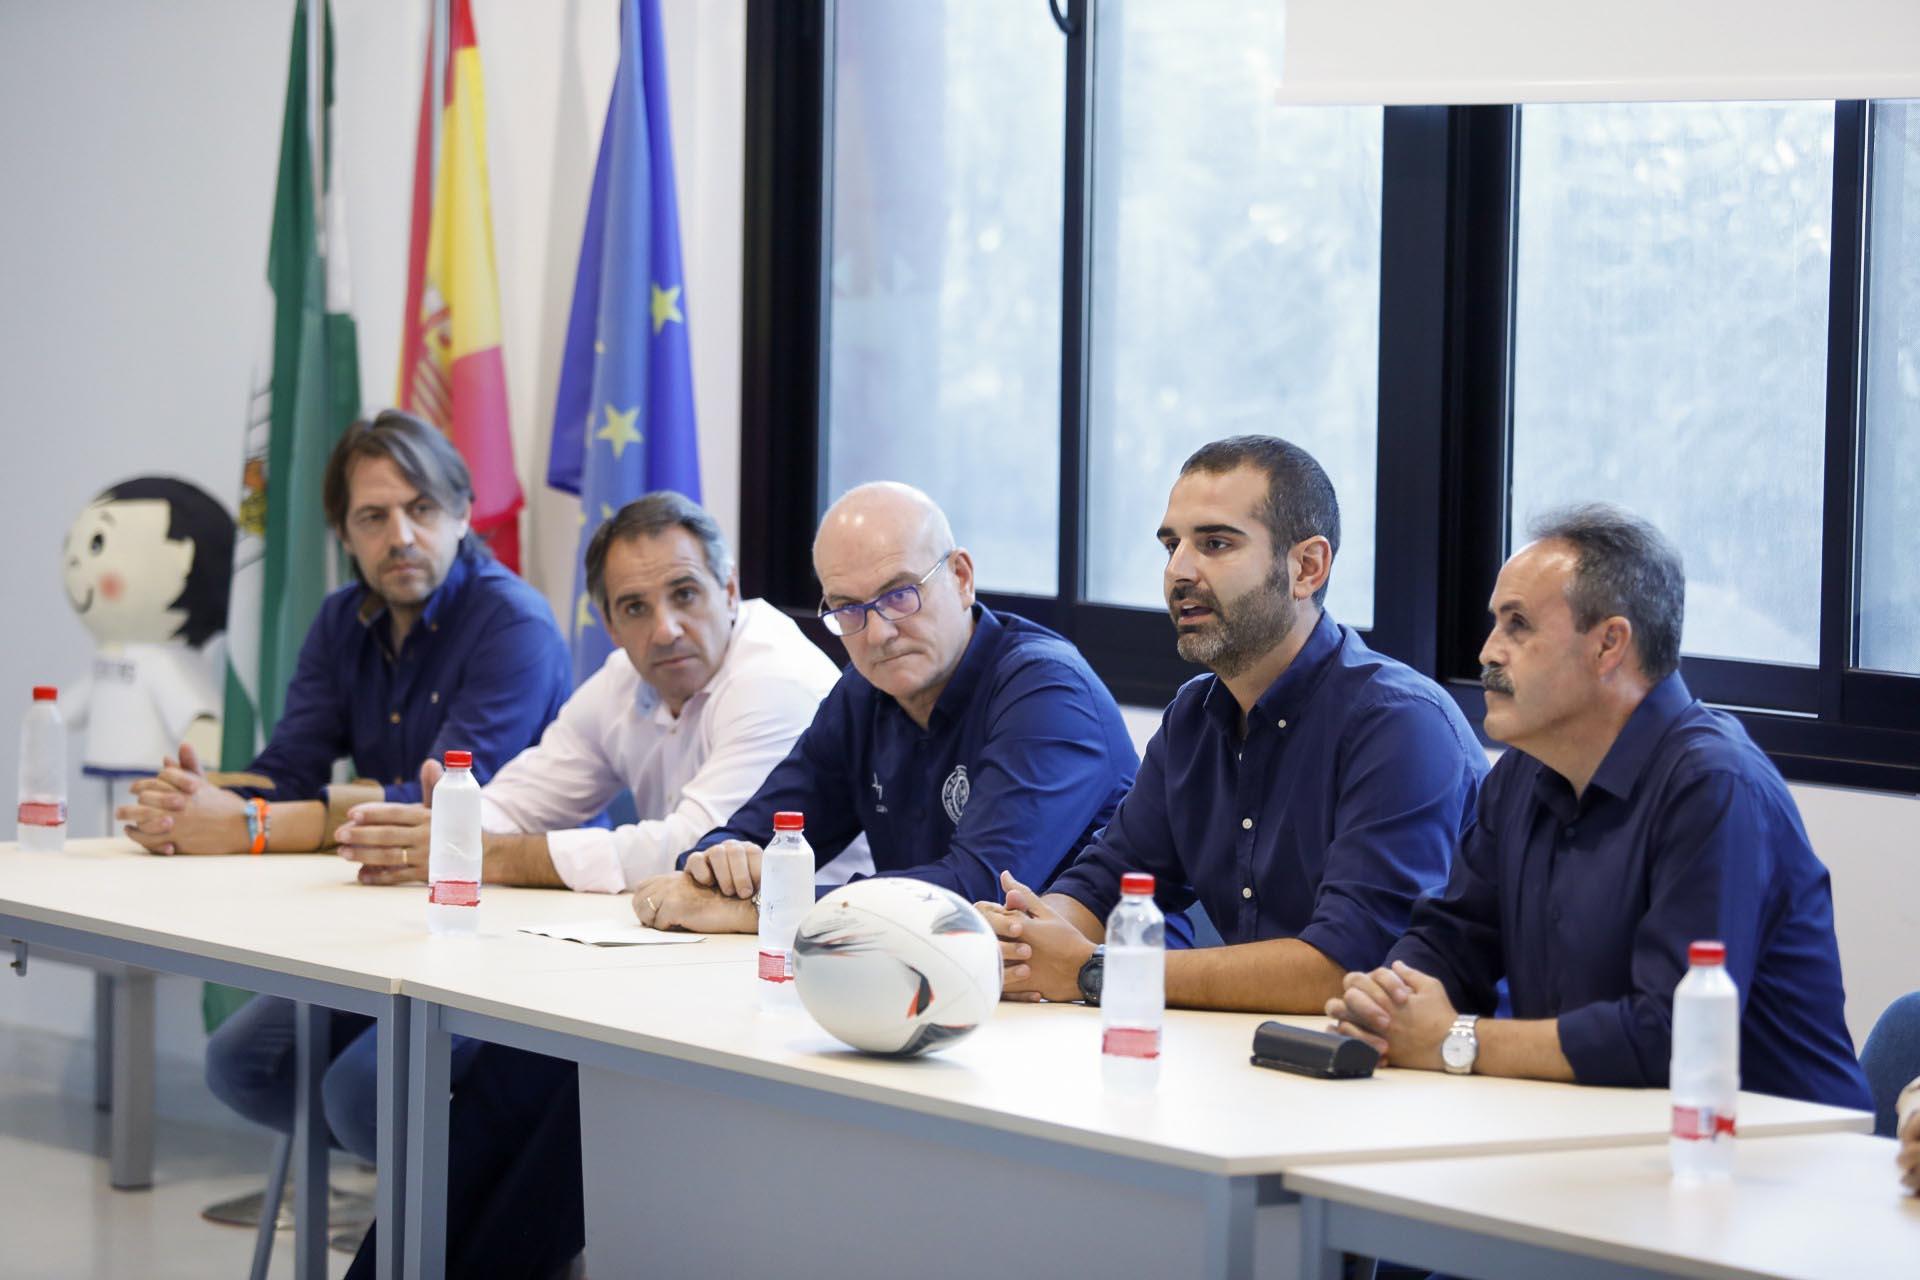 Almería acoge el I Festival de Rugby Inclusivo, con equipos de Valencia, Euskadi y URA Clan